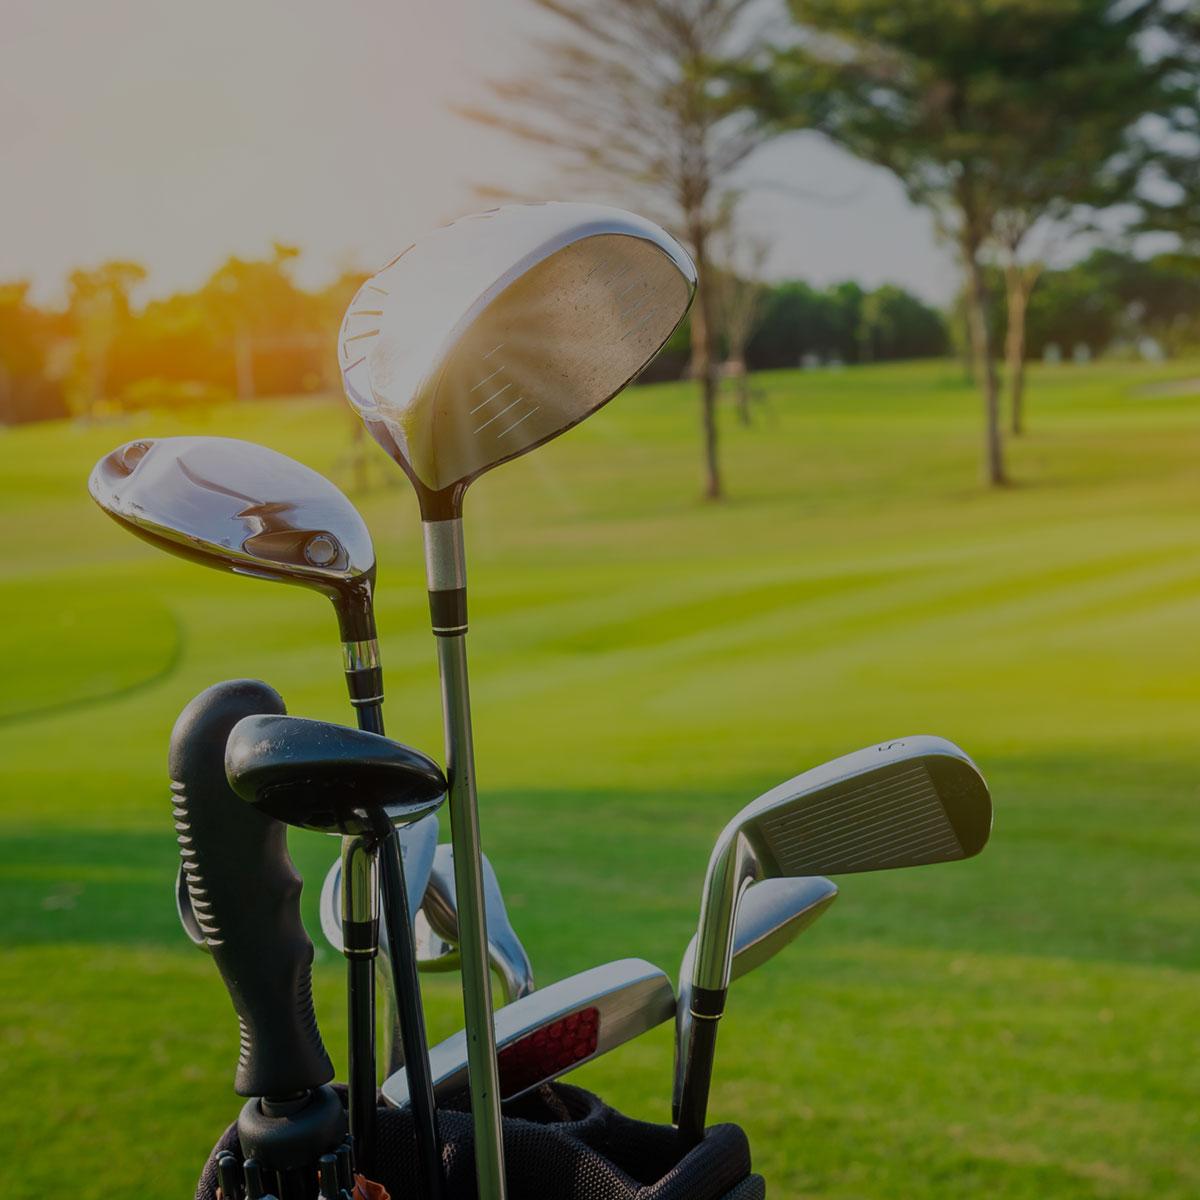 ゴルフ場のイメージ